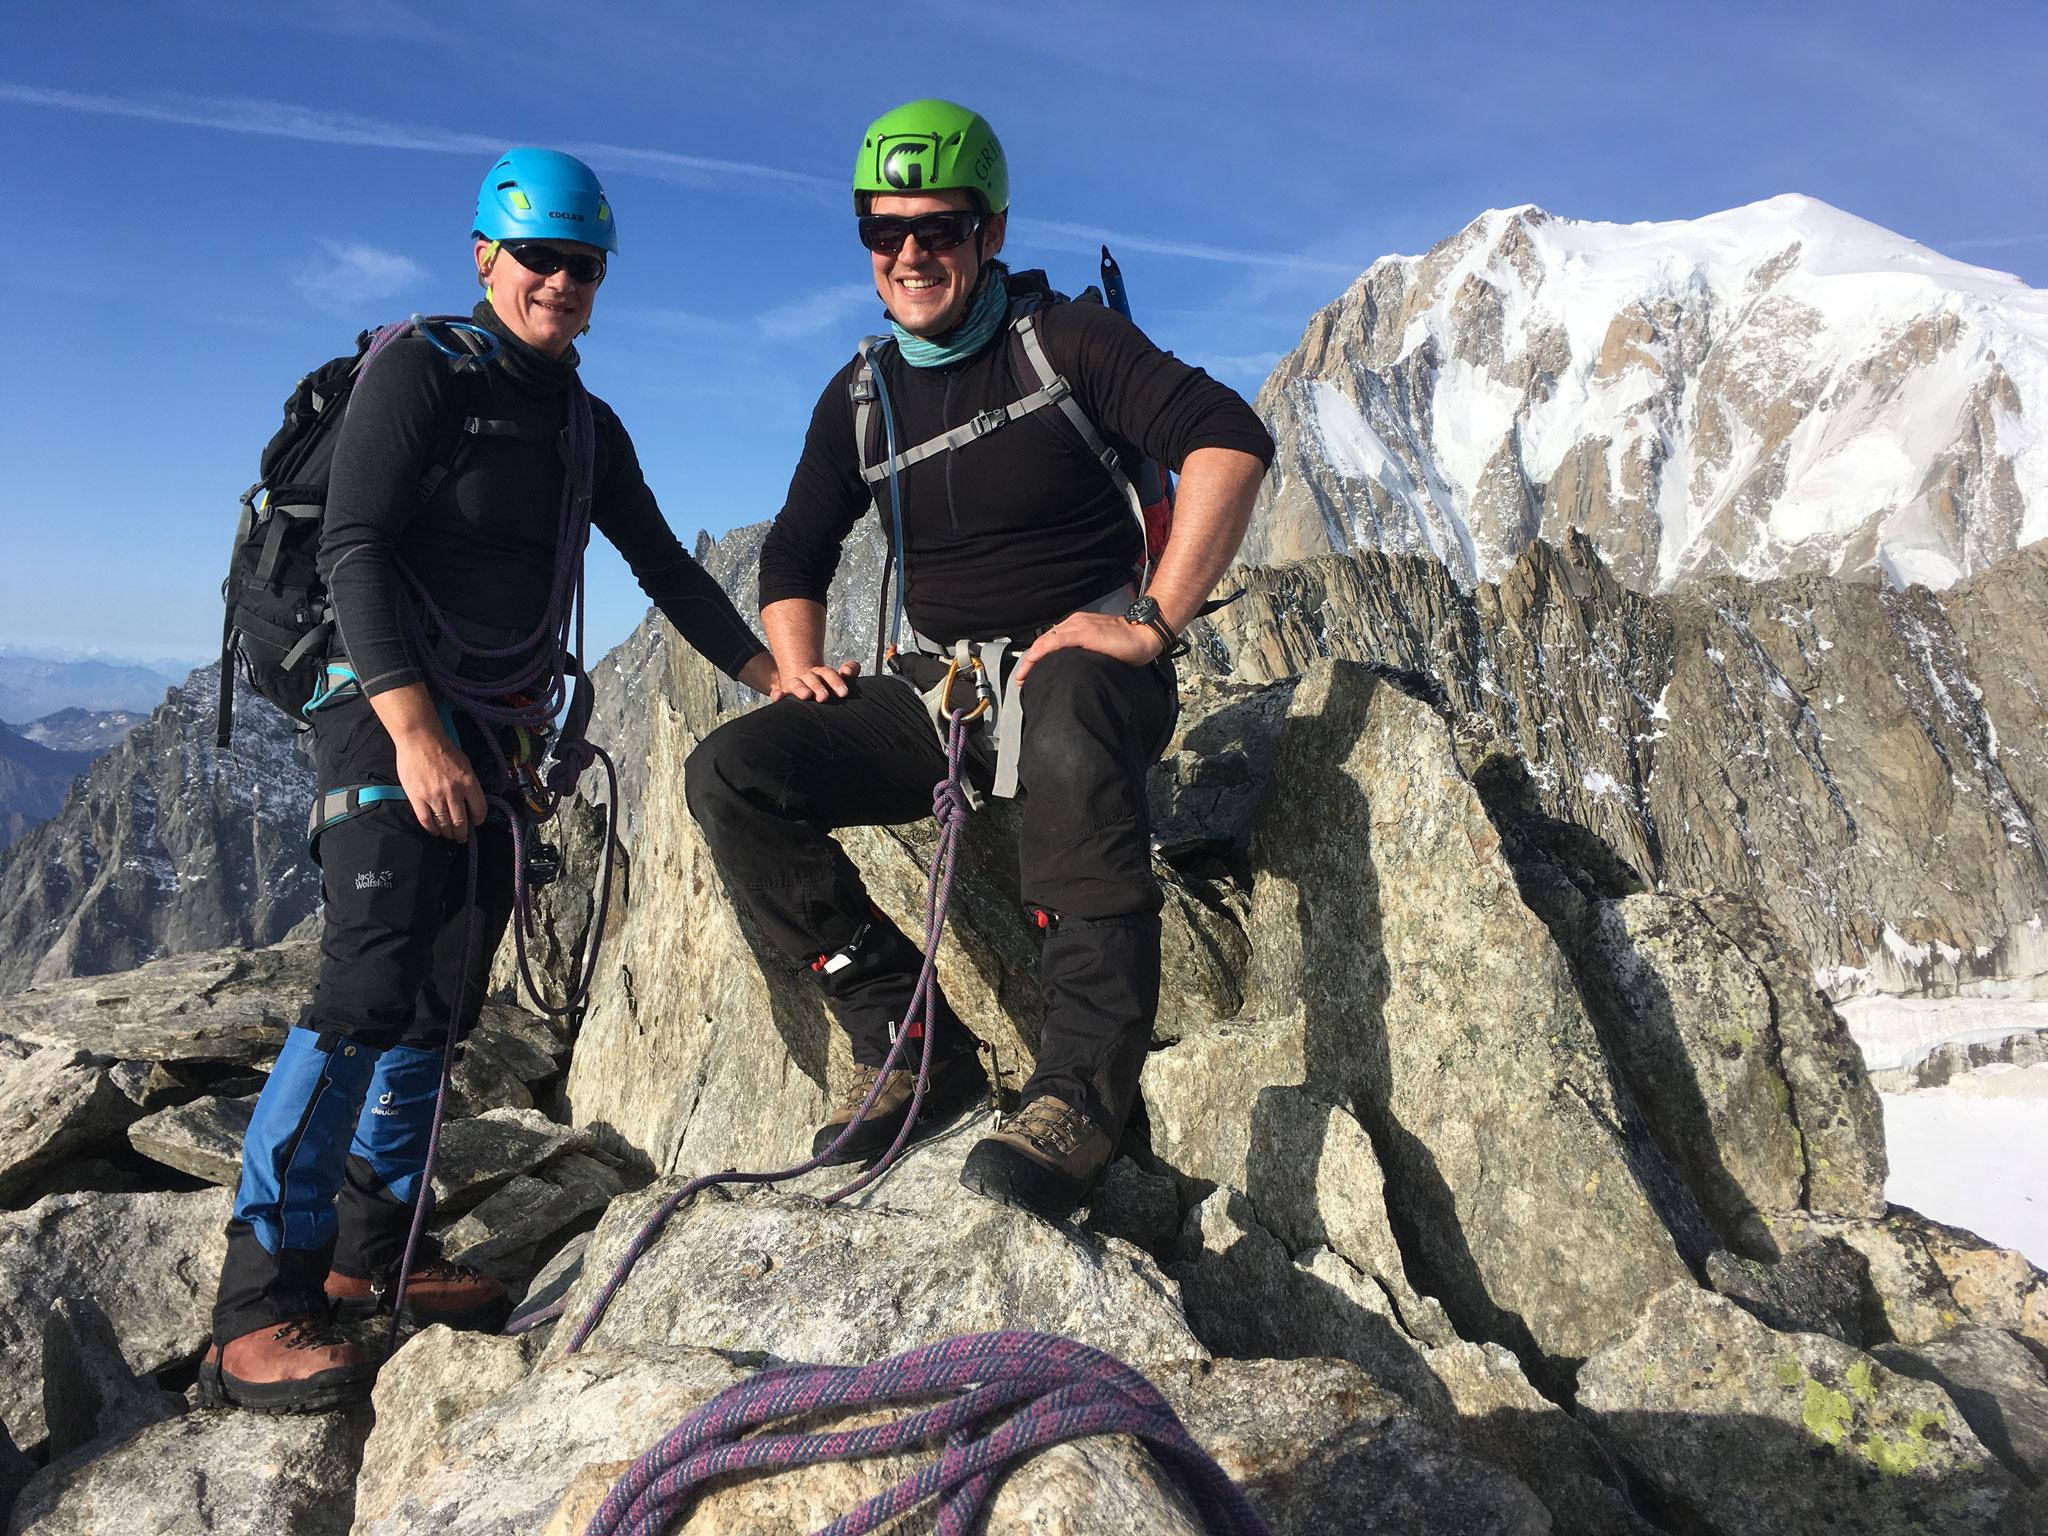 Sur l'arête, le décor est posé. Mt-Blanc, versant Brenva !